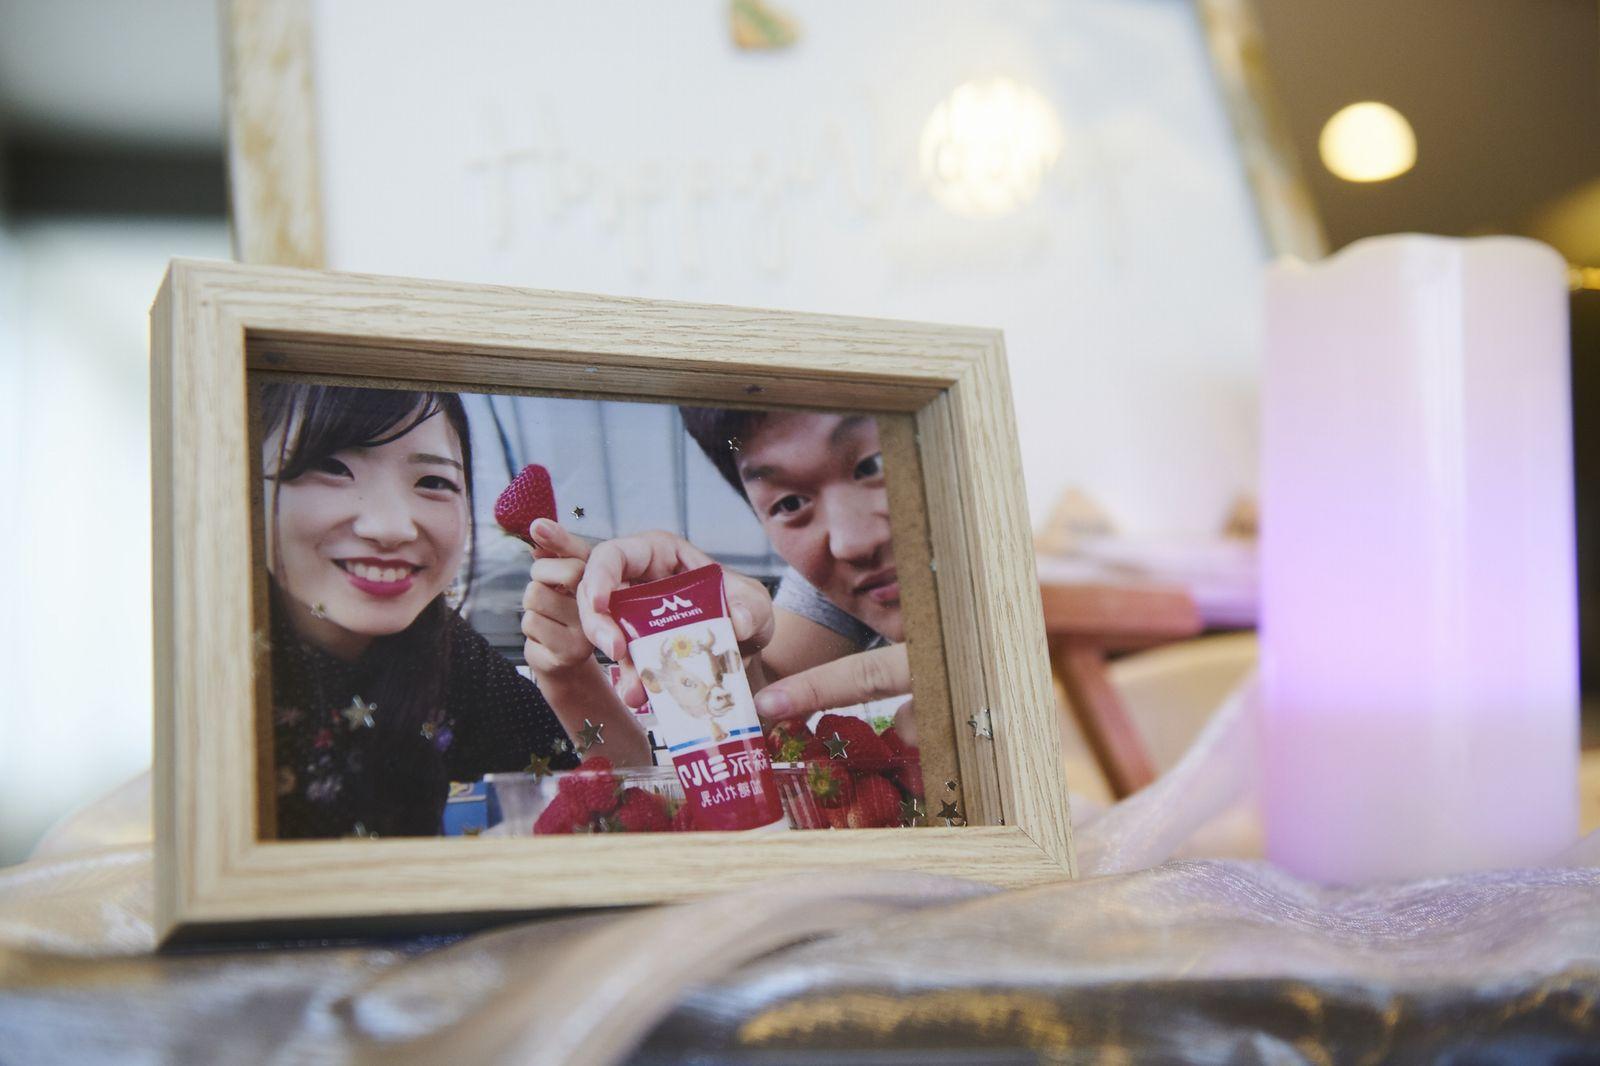 徳島市の結婚式場ブランアンジュで新郎新婦様の思い出の写真を飾ったフォトフレーム